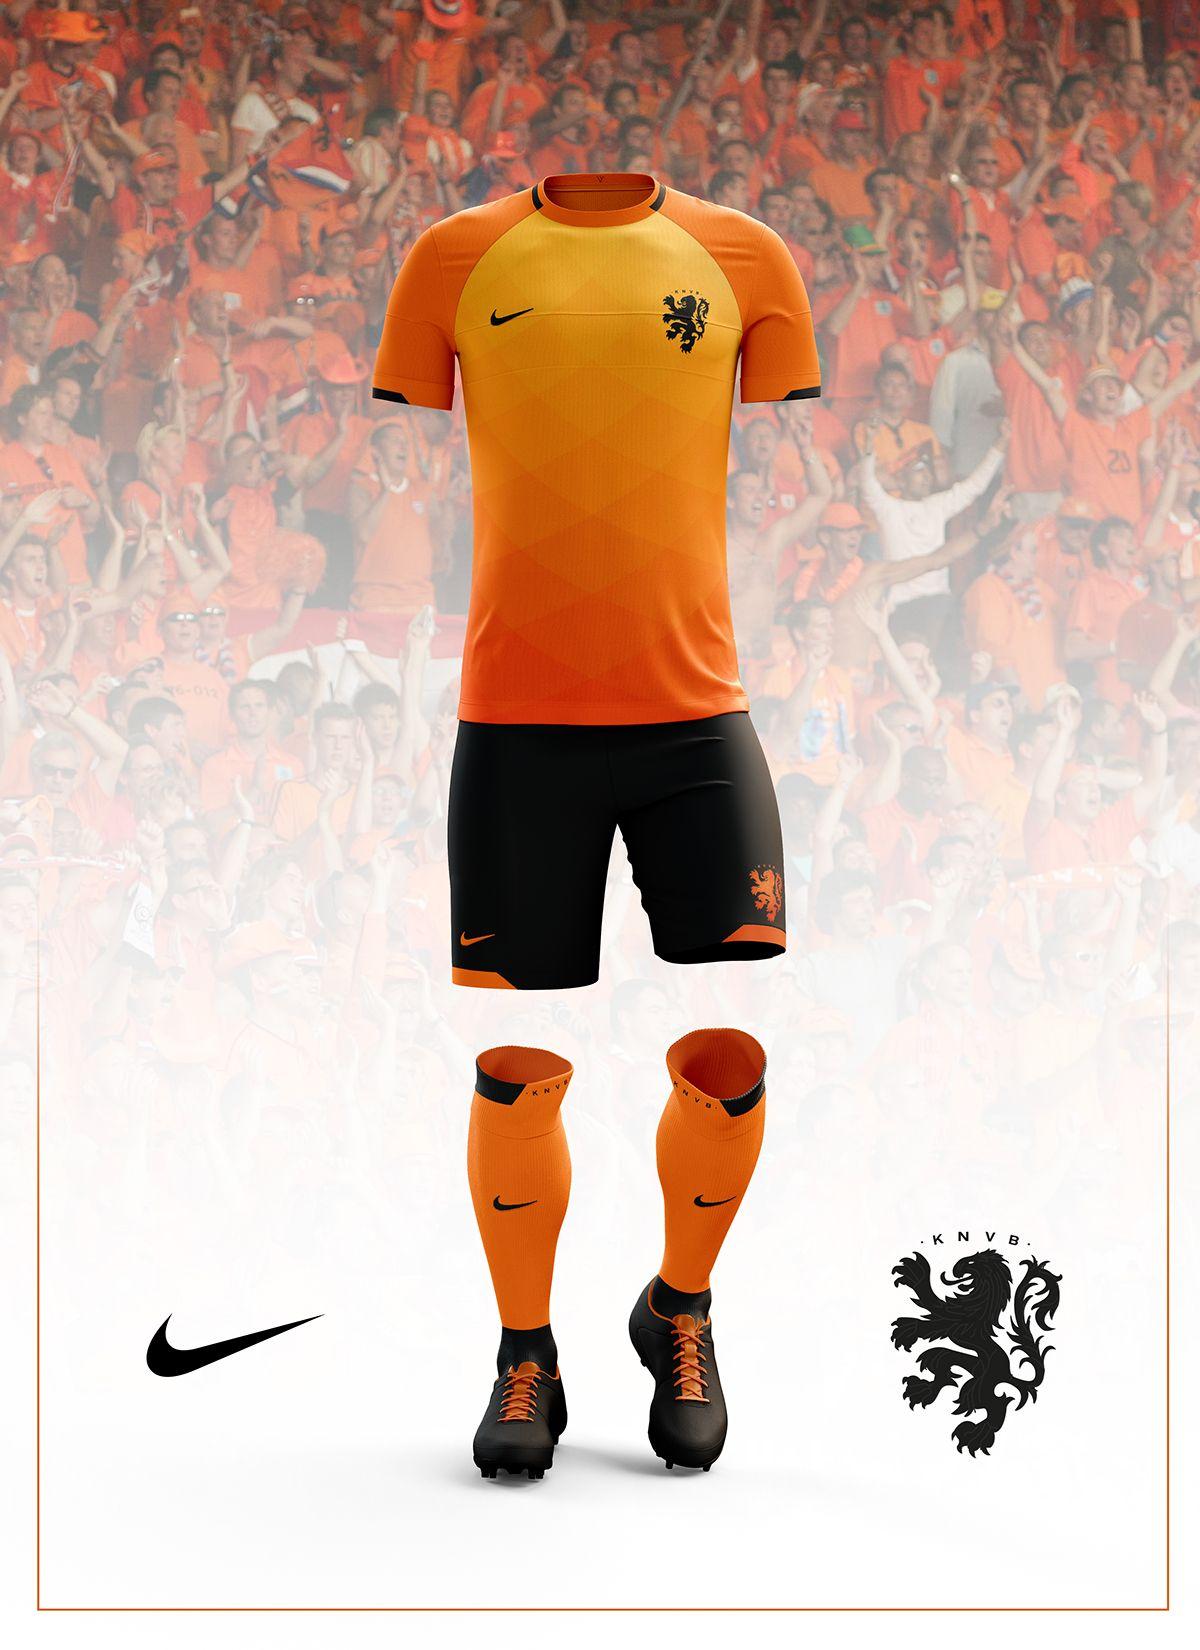 6a7755617 Netherlands